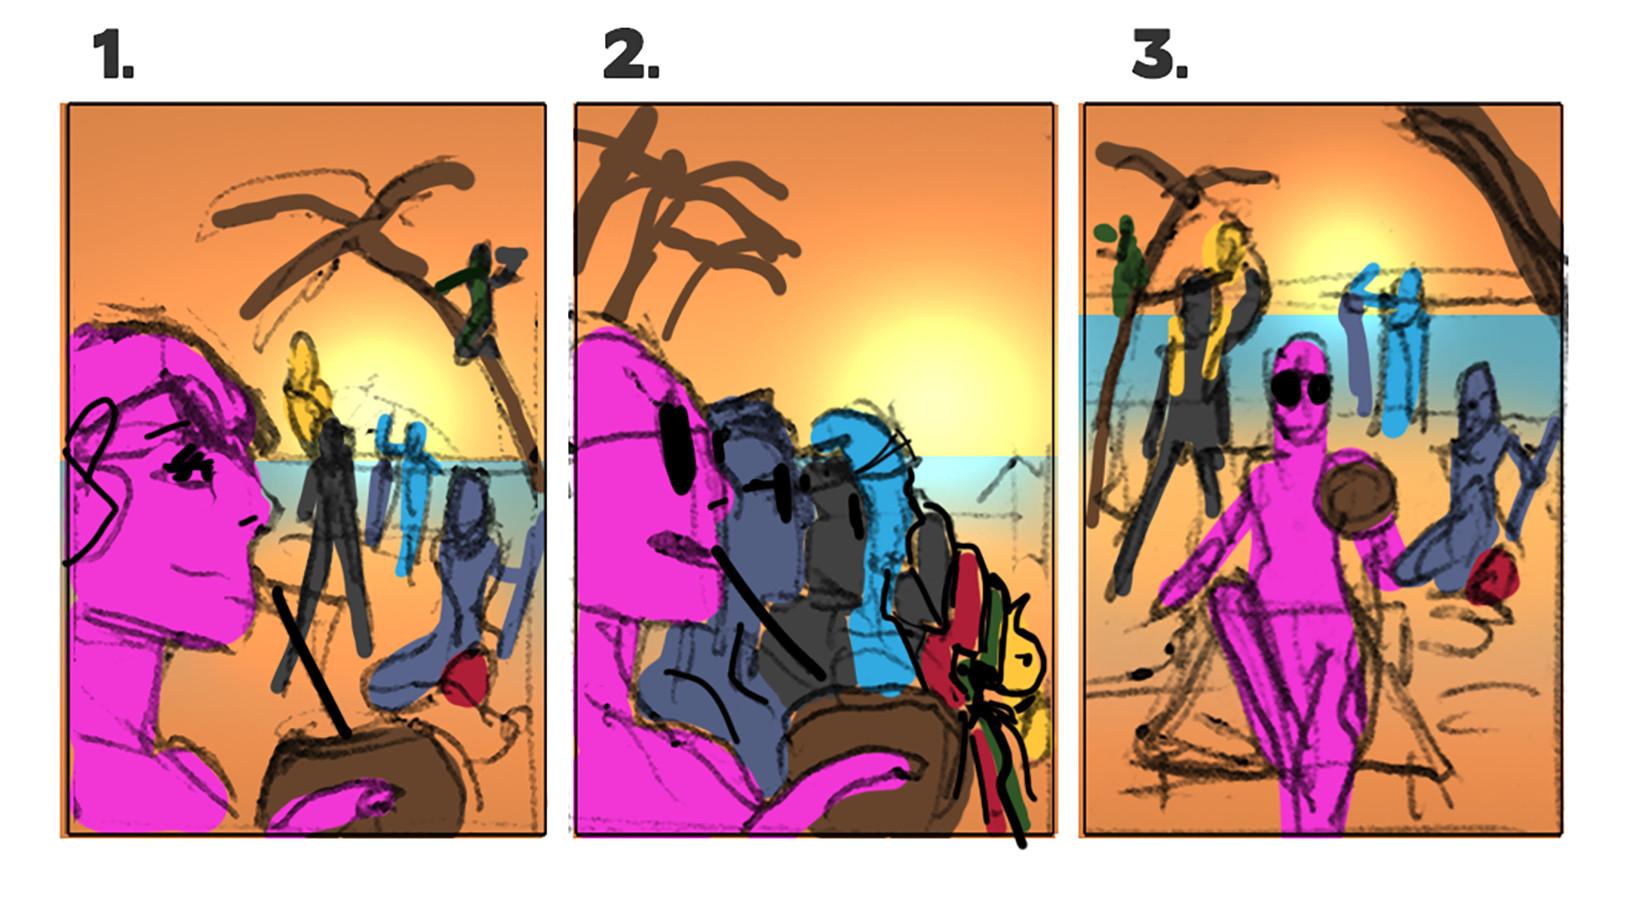 David nakayama exiles12 layouts 900v